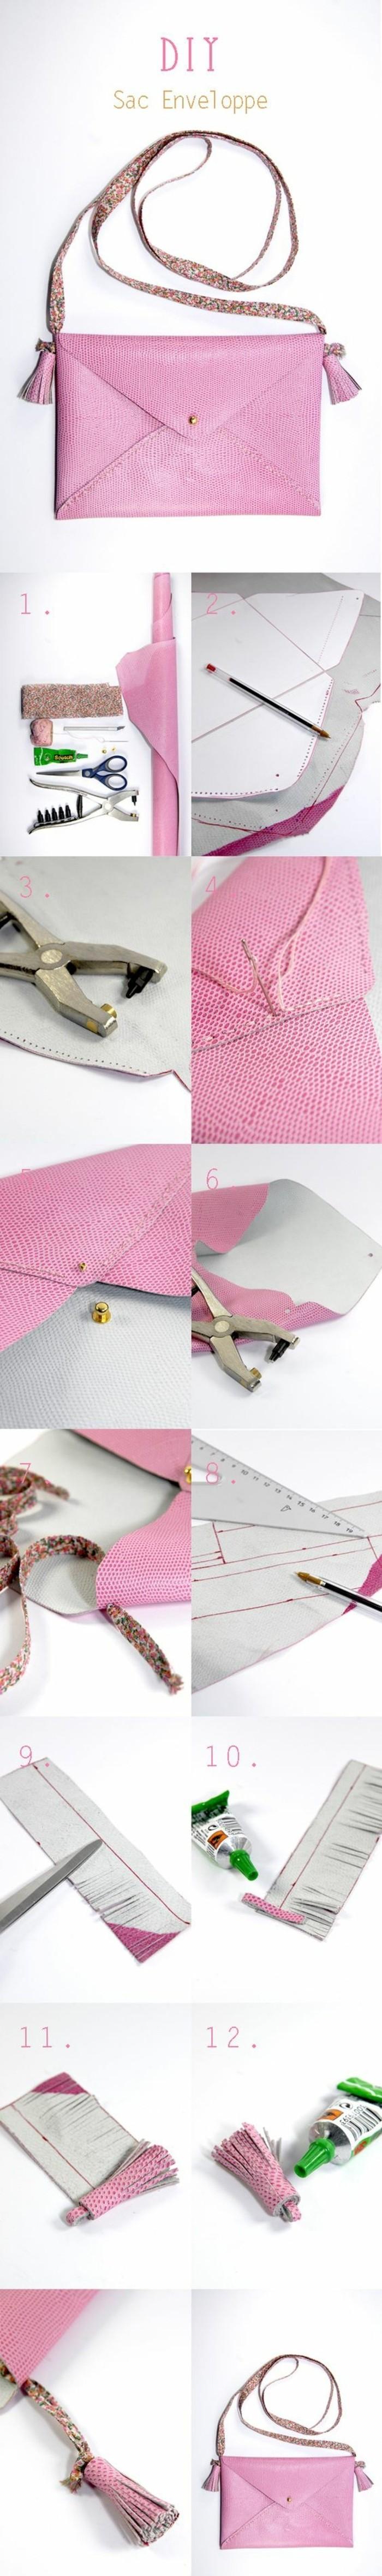 tuto-pochette-a-fabriquer-soi-meme-fabriquer-une-pochette-femme-rose-avec-lanière-exemple-accessoire-pochette-de-soirée